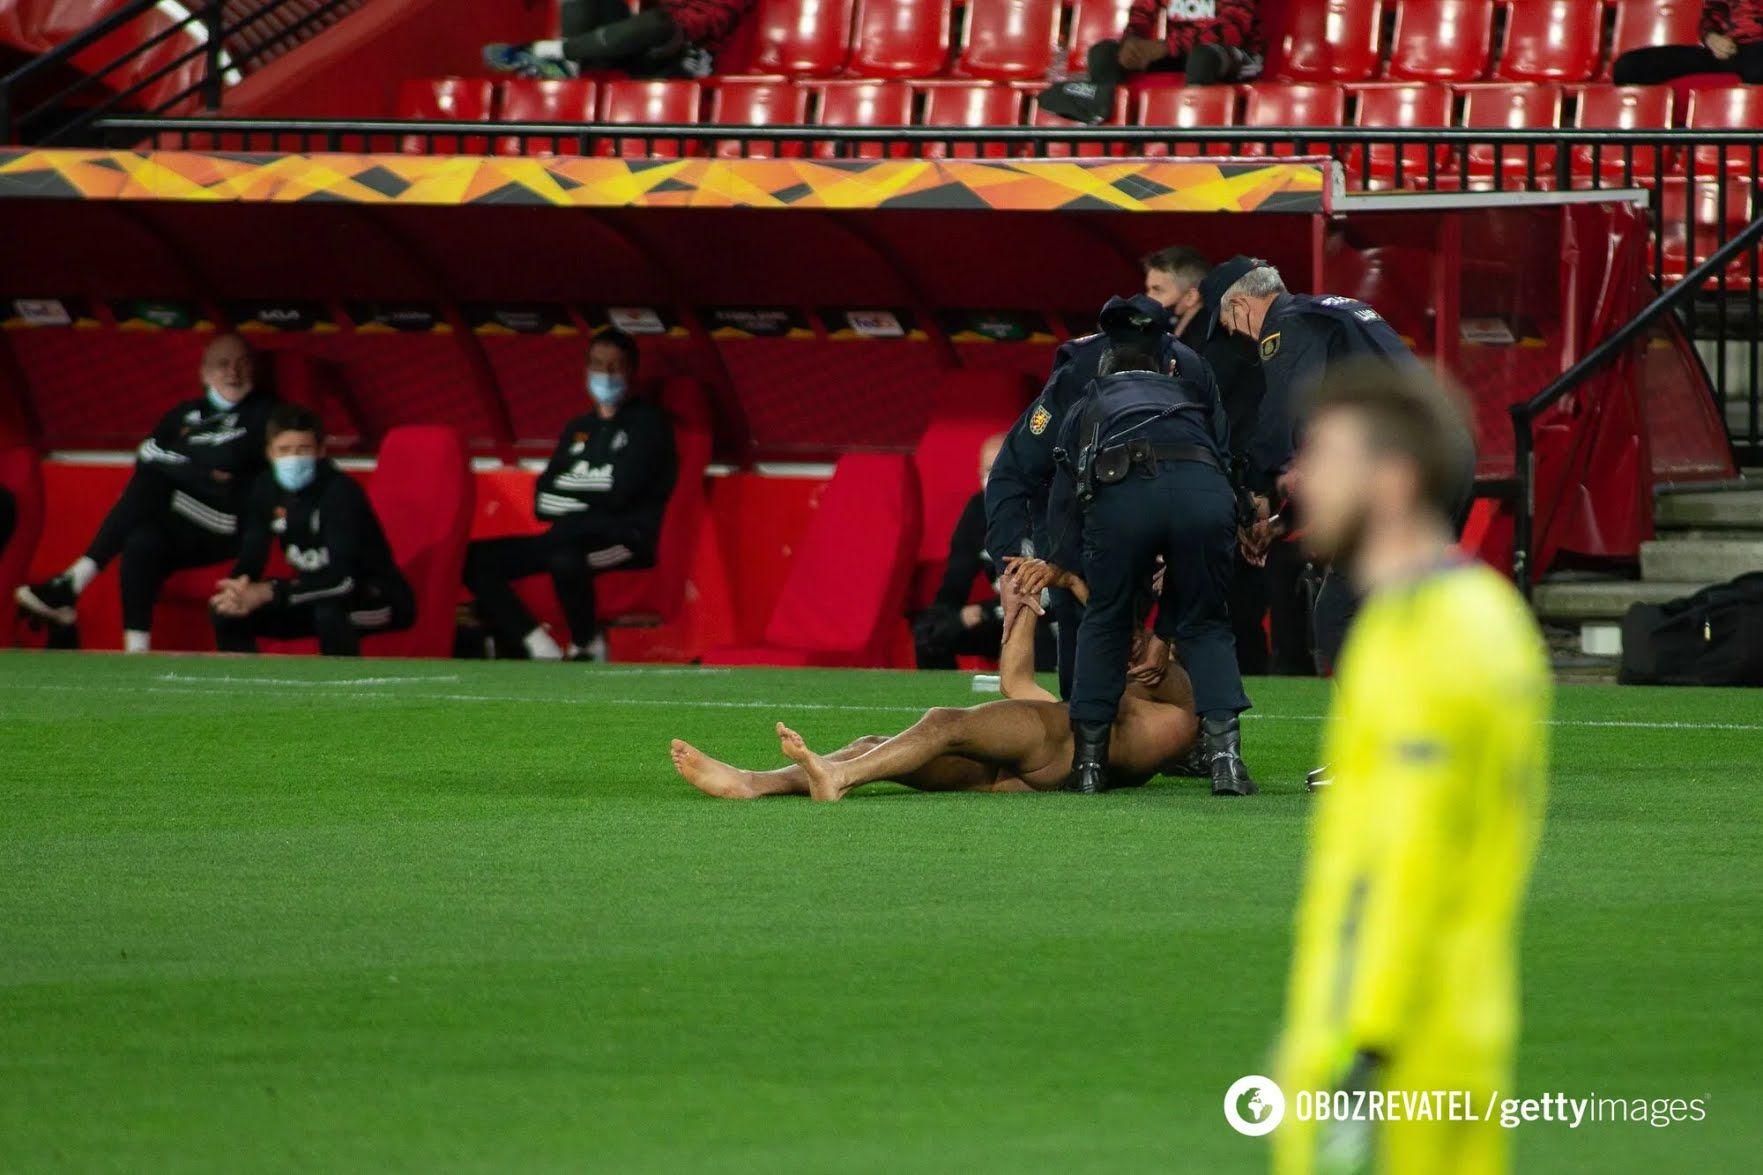 Мужчина упал на траву